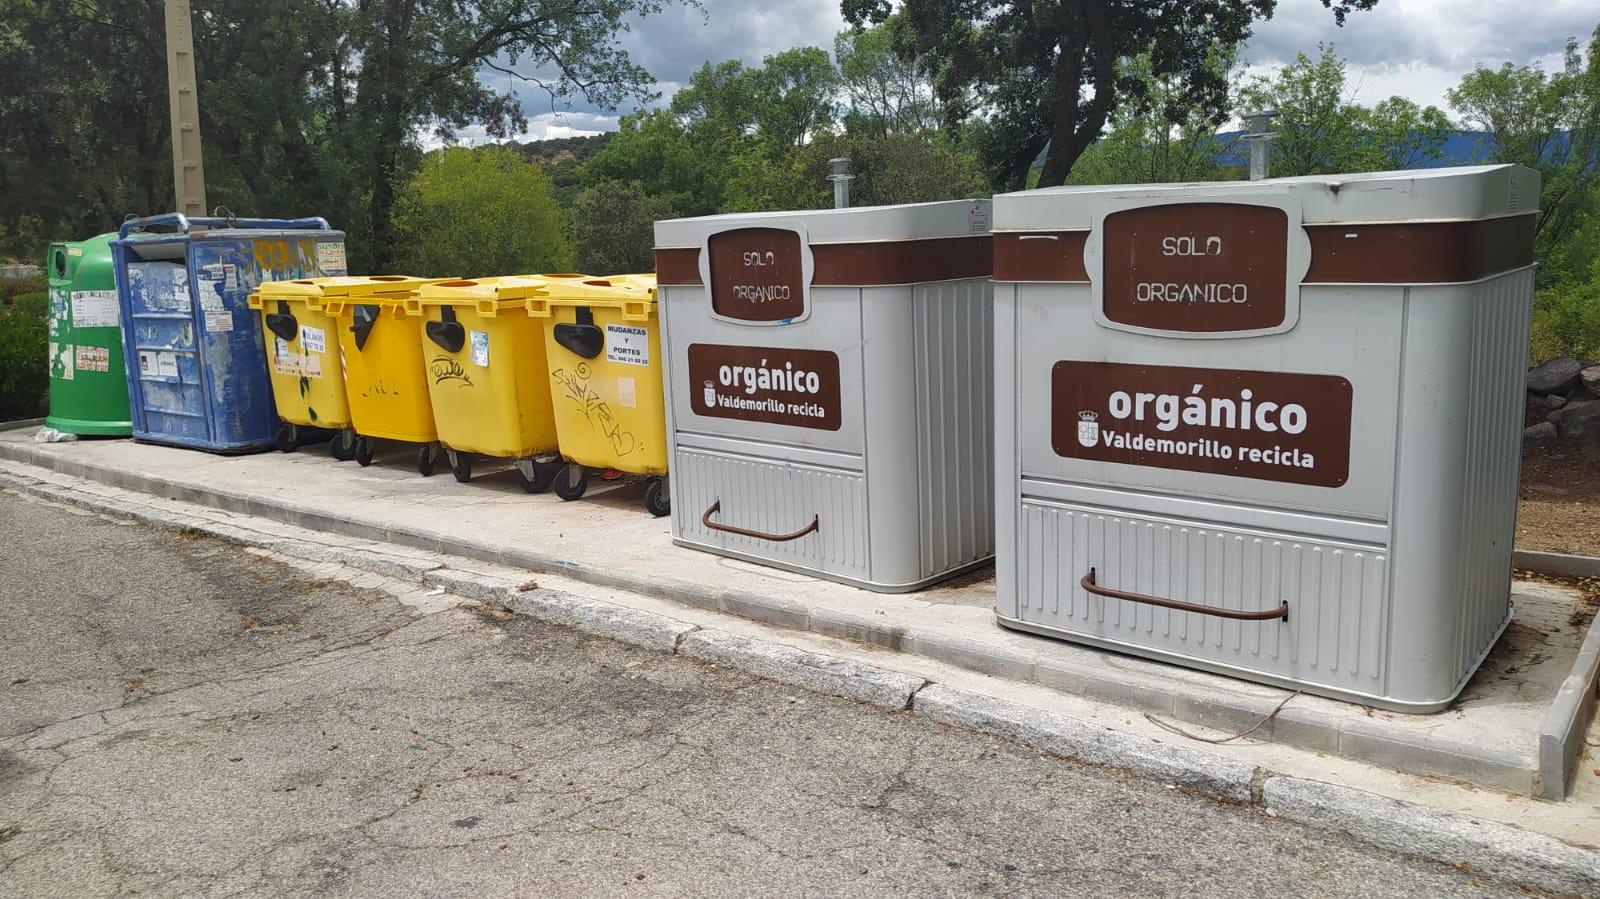 Los nuevos concejales de Atención al Ciudadano y Limpieza y Servicios arrancan su gestión  haciendo efectiva la retirada urgente de las grandes acumulaciones de restos de poda, enseres y demás residuos existentes en las urbanizaciones  y el acondicionamiento de todos los puntos limpios